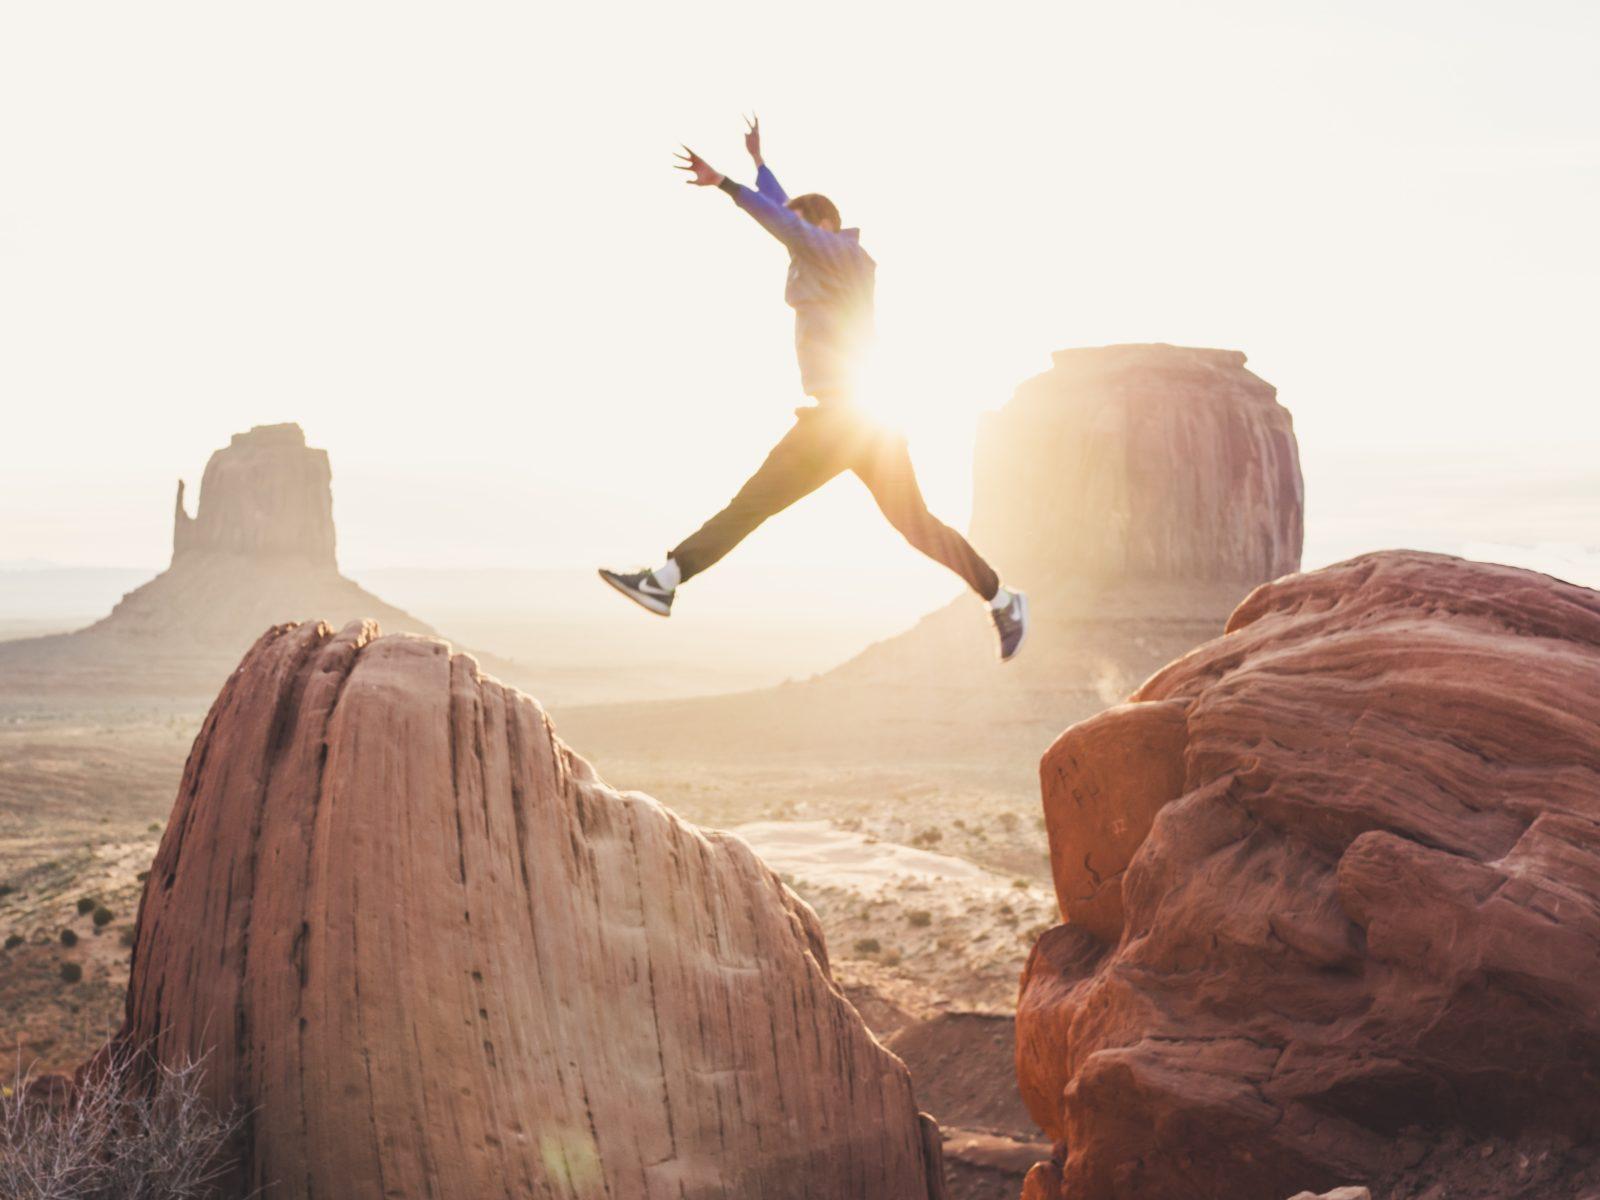 Un homme qui saute entre deux rochers